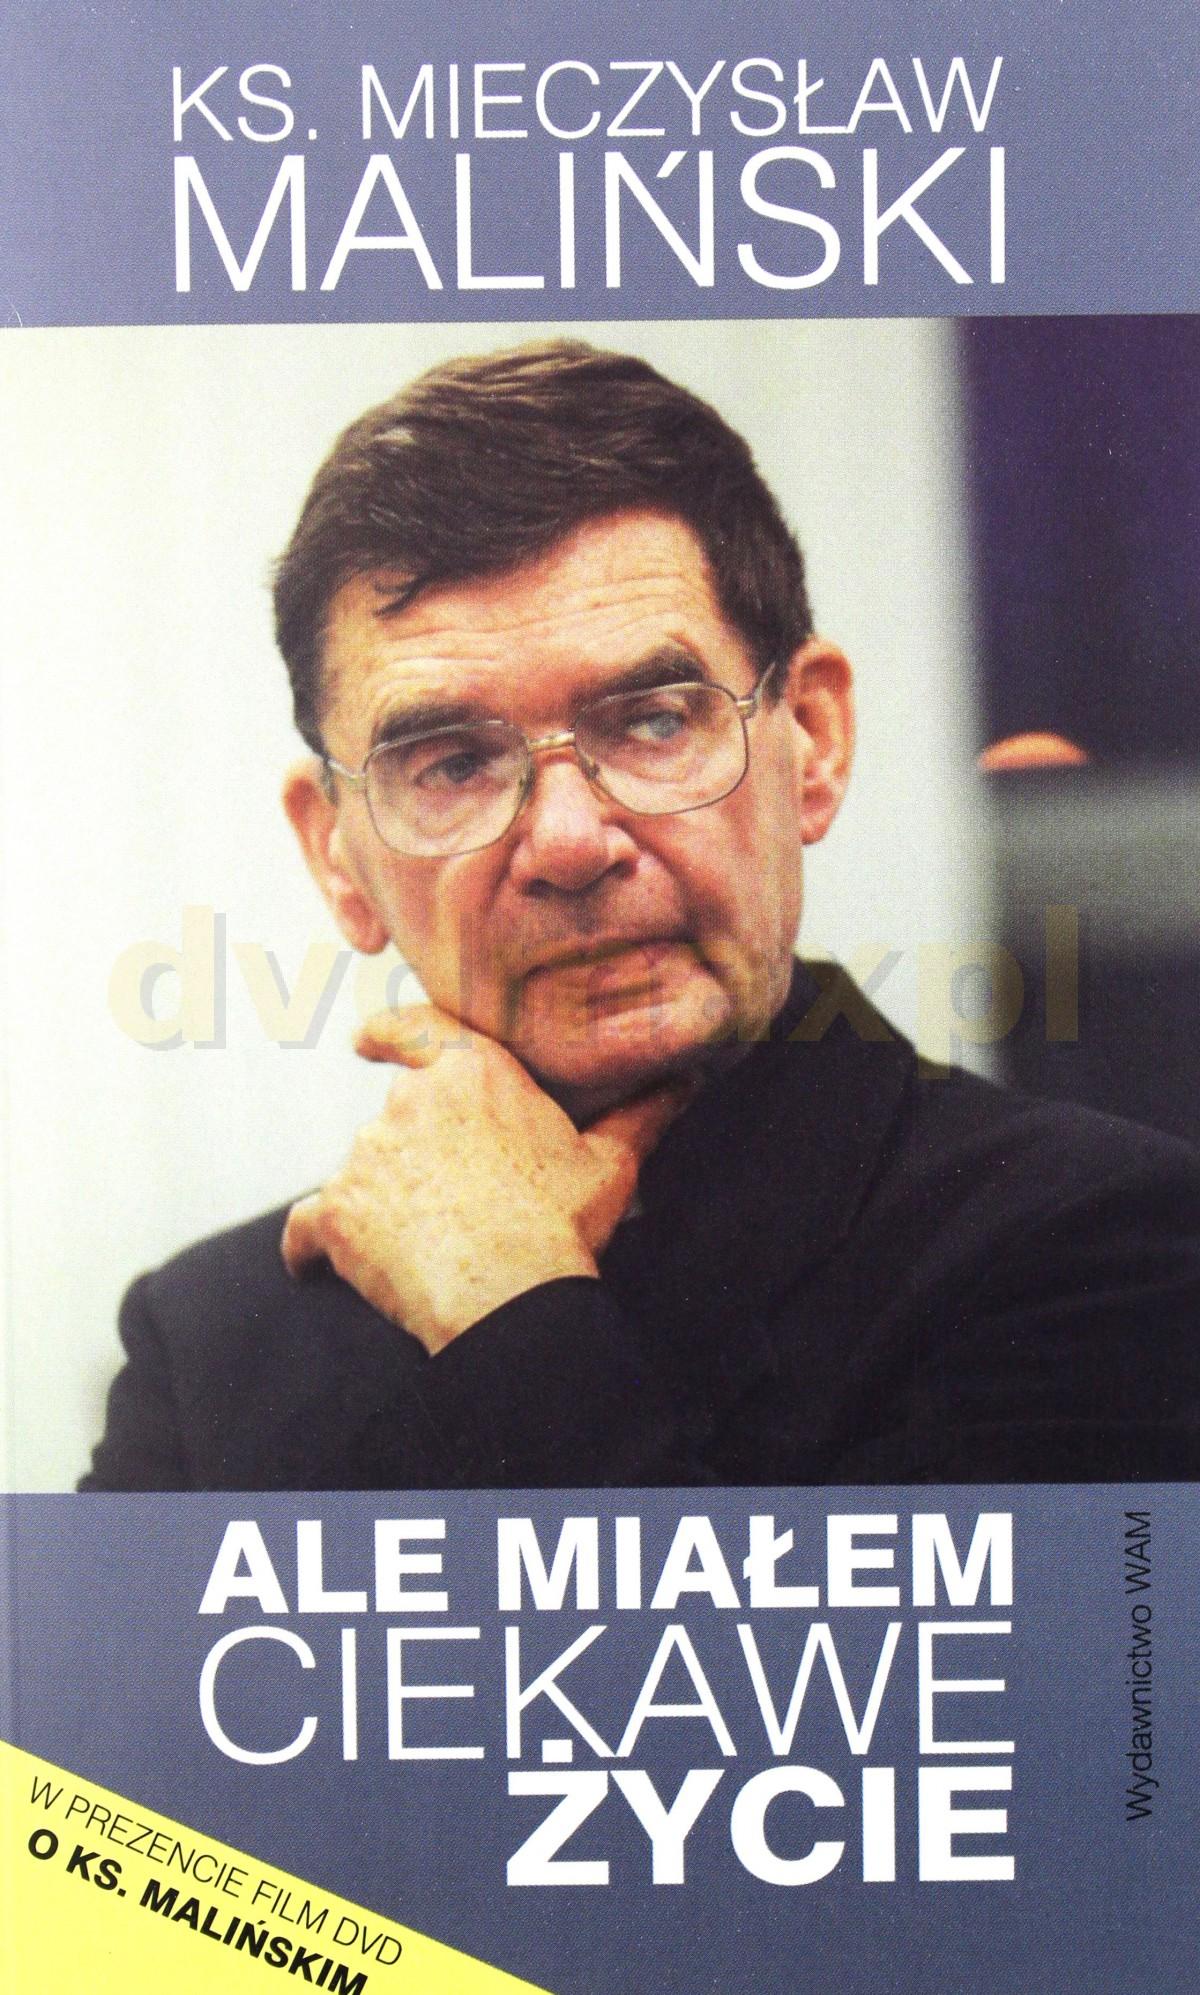 Ale Miałem Ciekawe Życie - ks. Mieczysław Maliński [KSIĄŻKA]+[DVD] - Ks. Mieczysław Maliński